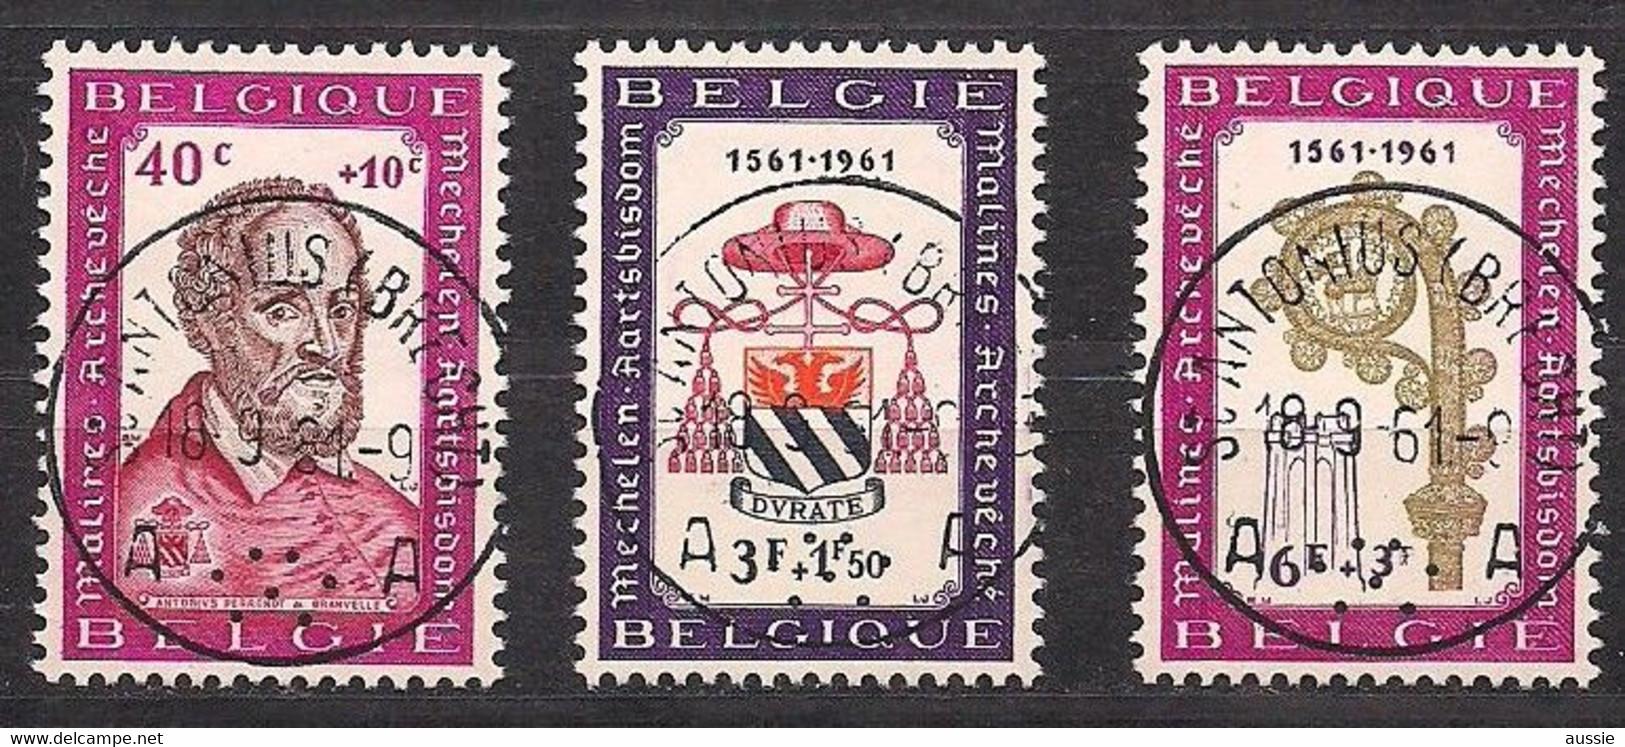 Belgie Belgique 1961 OCBn° 1188-1190 (°) Oblitéré Used Cote 2,25 € - Usados